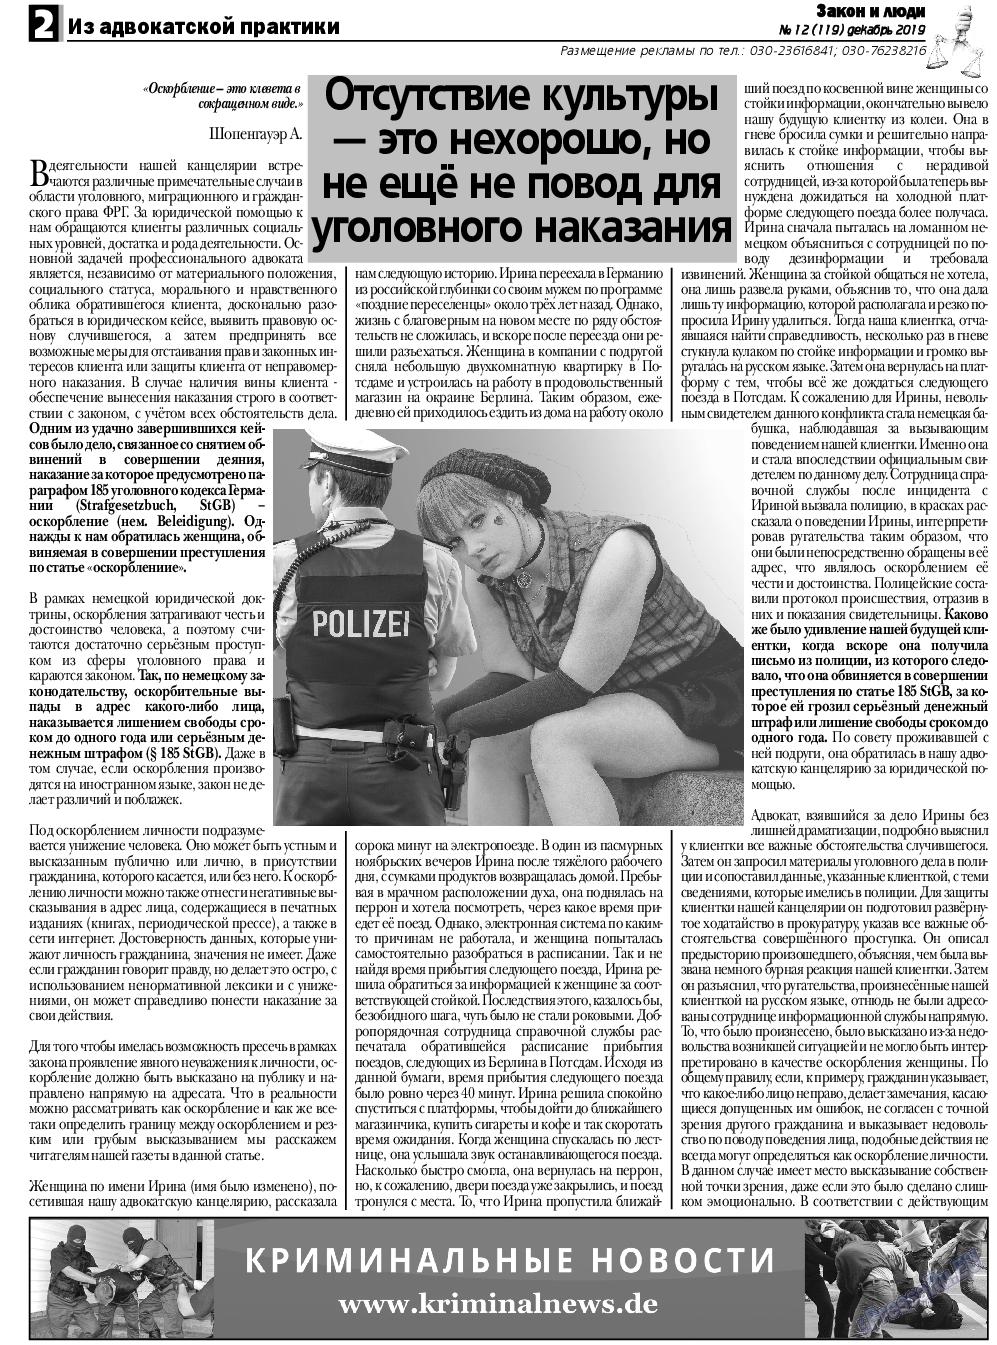 Закон и люди (газета). 2019 год, номер 12, стр. 2